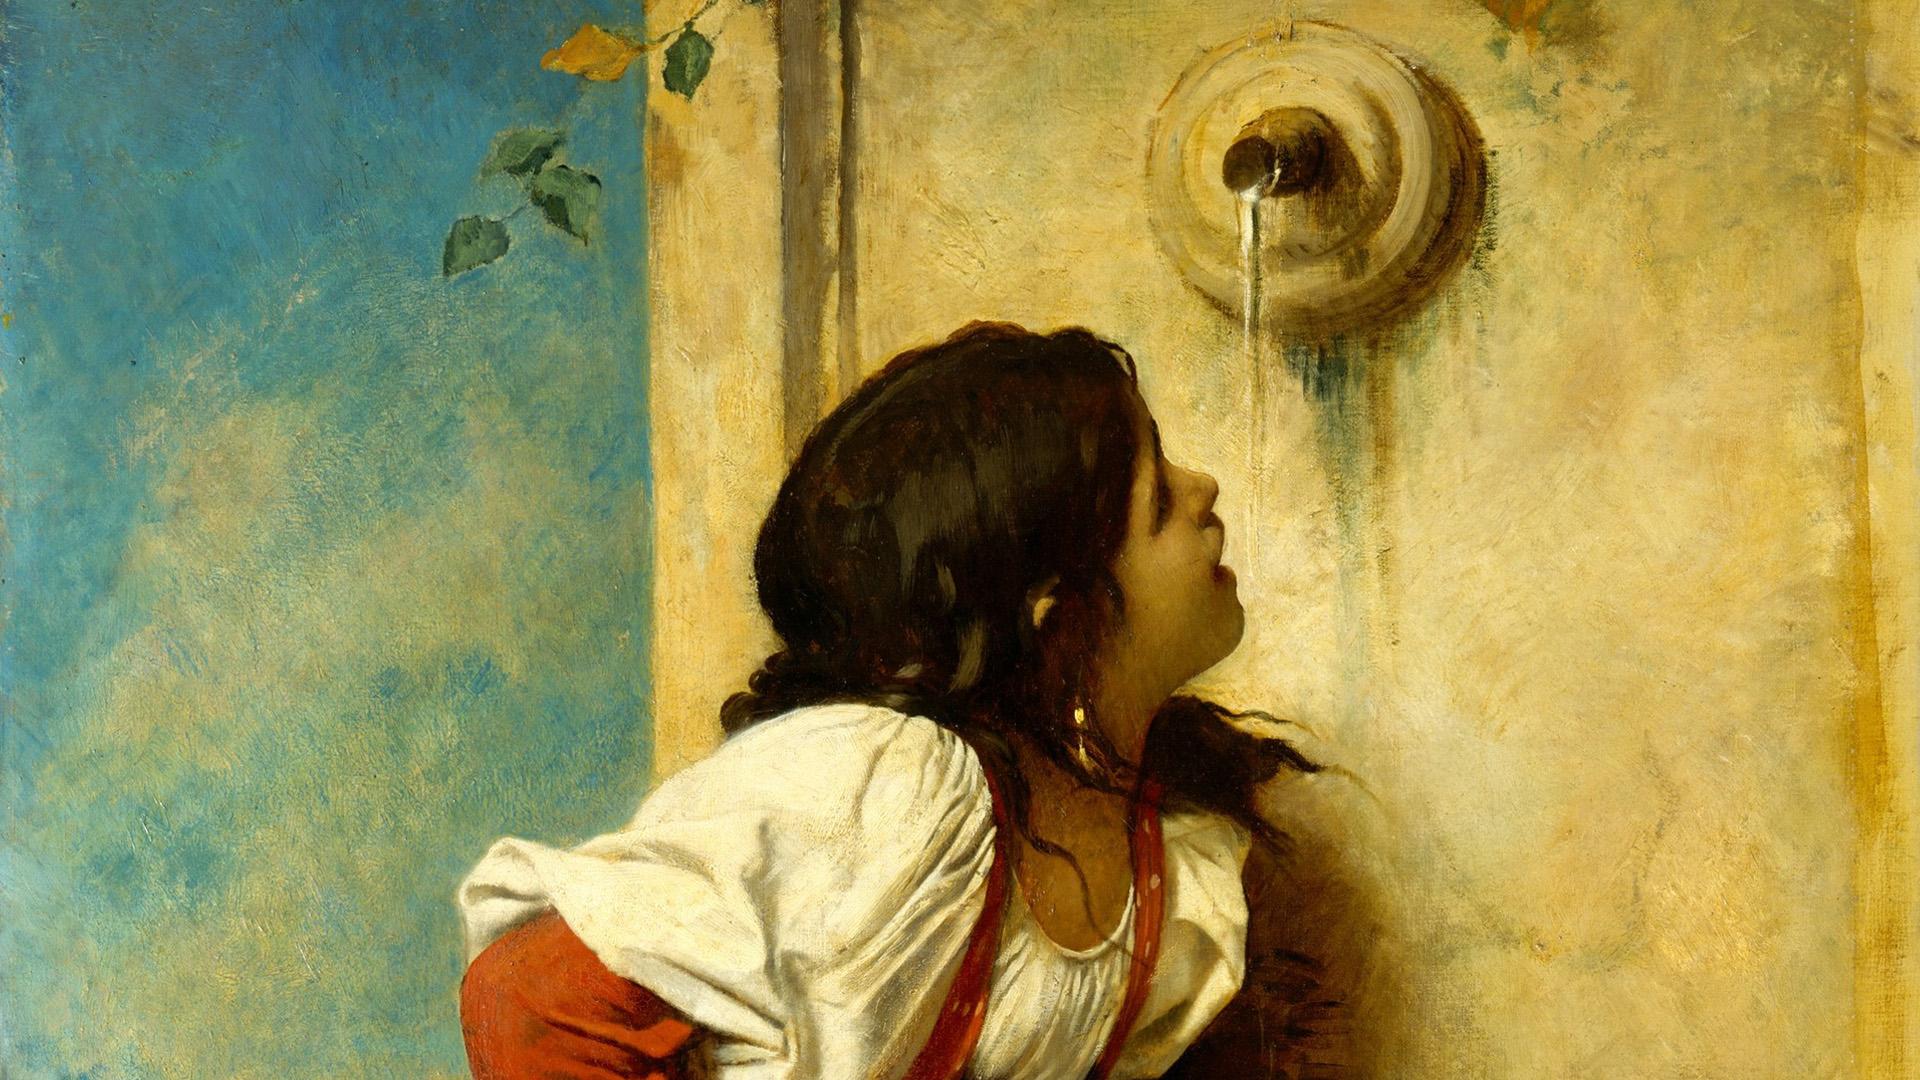 Tredicesima puntata. L'approvigionamento idrico nell'Ottocento prima degli acquedotti moderni